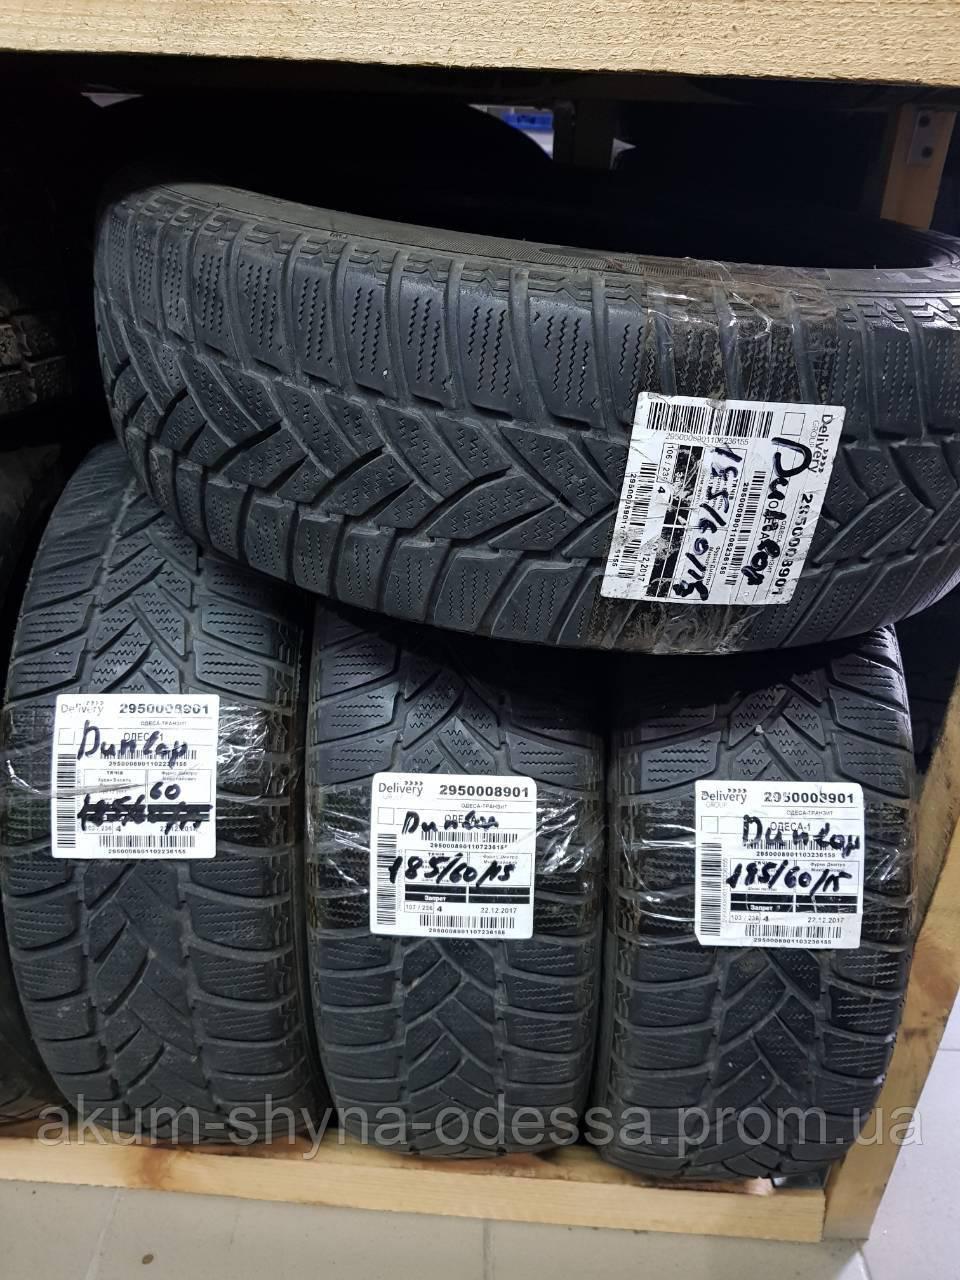 Шины летние б/у 185/60 R15 Dunlop комплект 6мм протектор